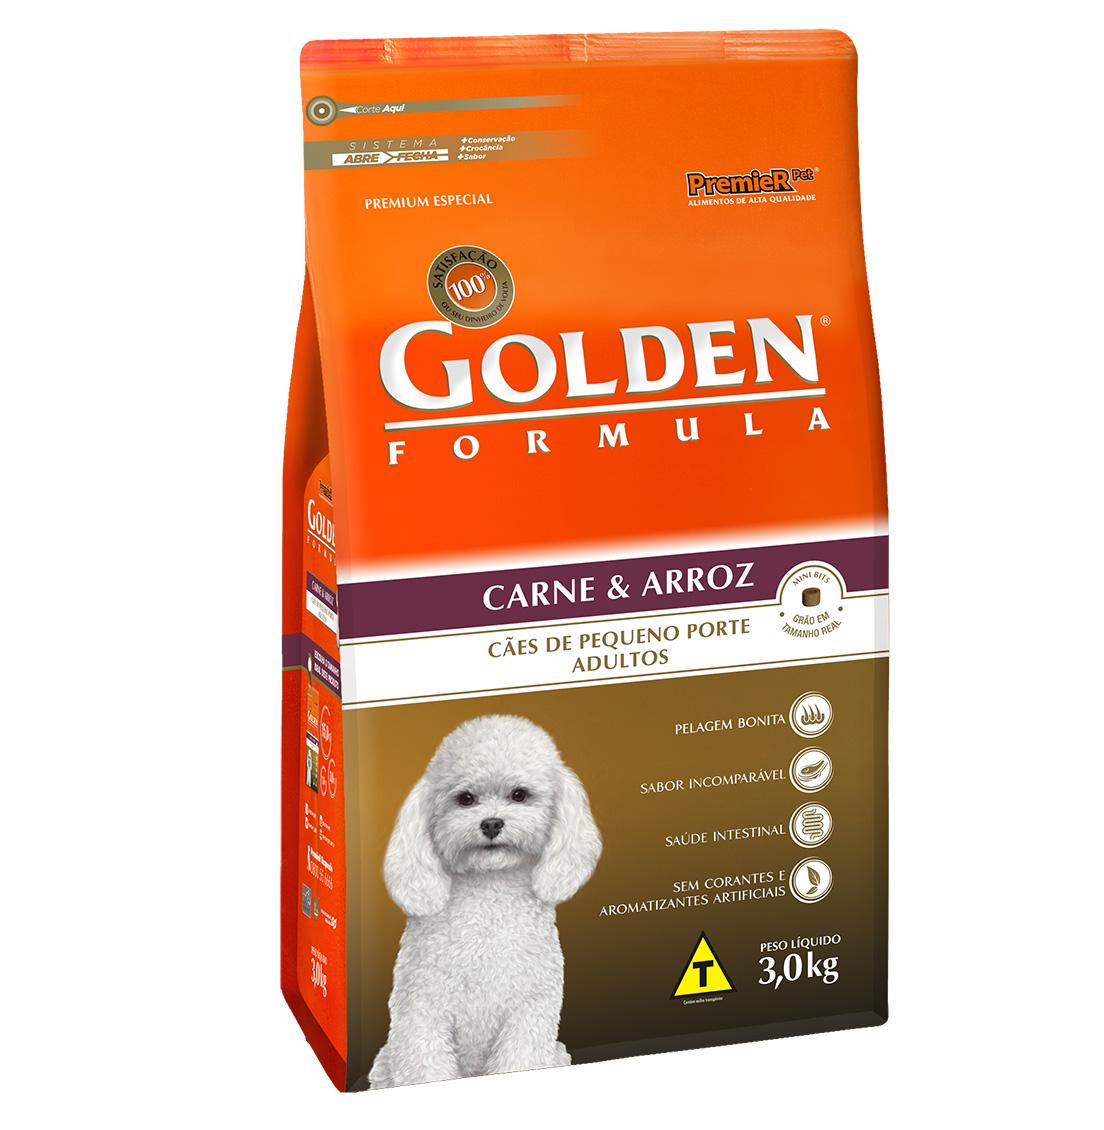 Ração Golden Fórmula Para Cães Adultos de Pequeno Porte Sabor Carne e Arroz - 3,0 Kg